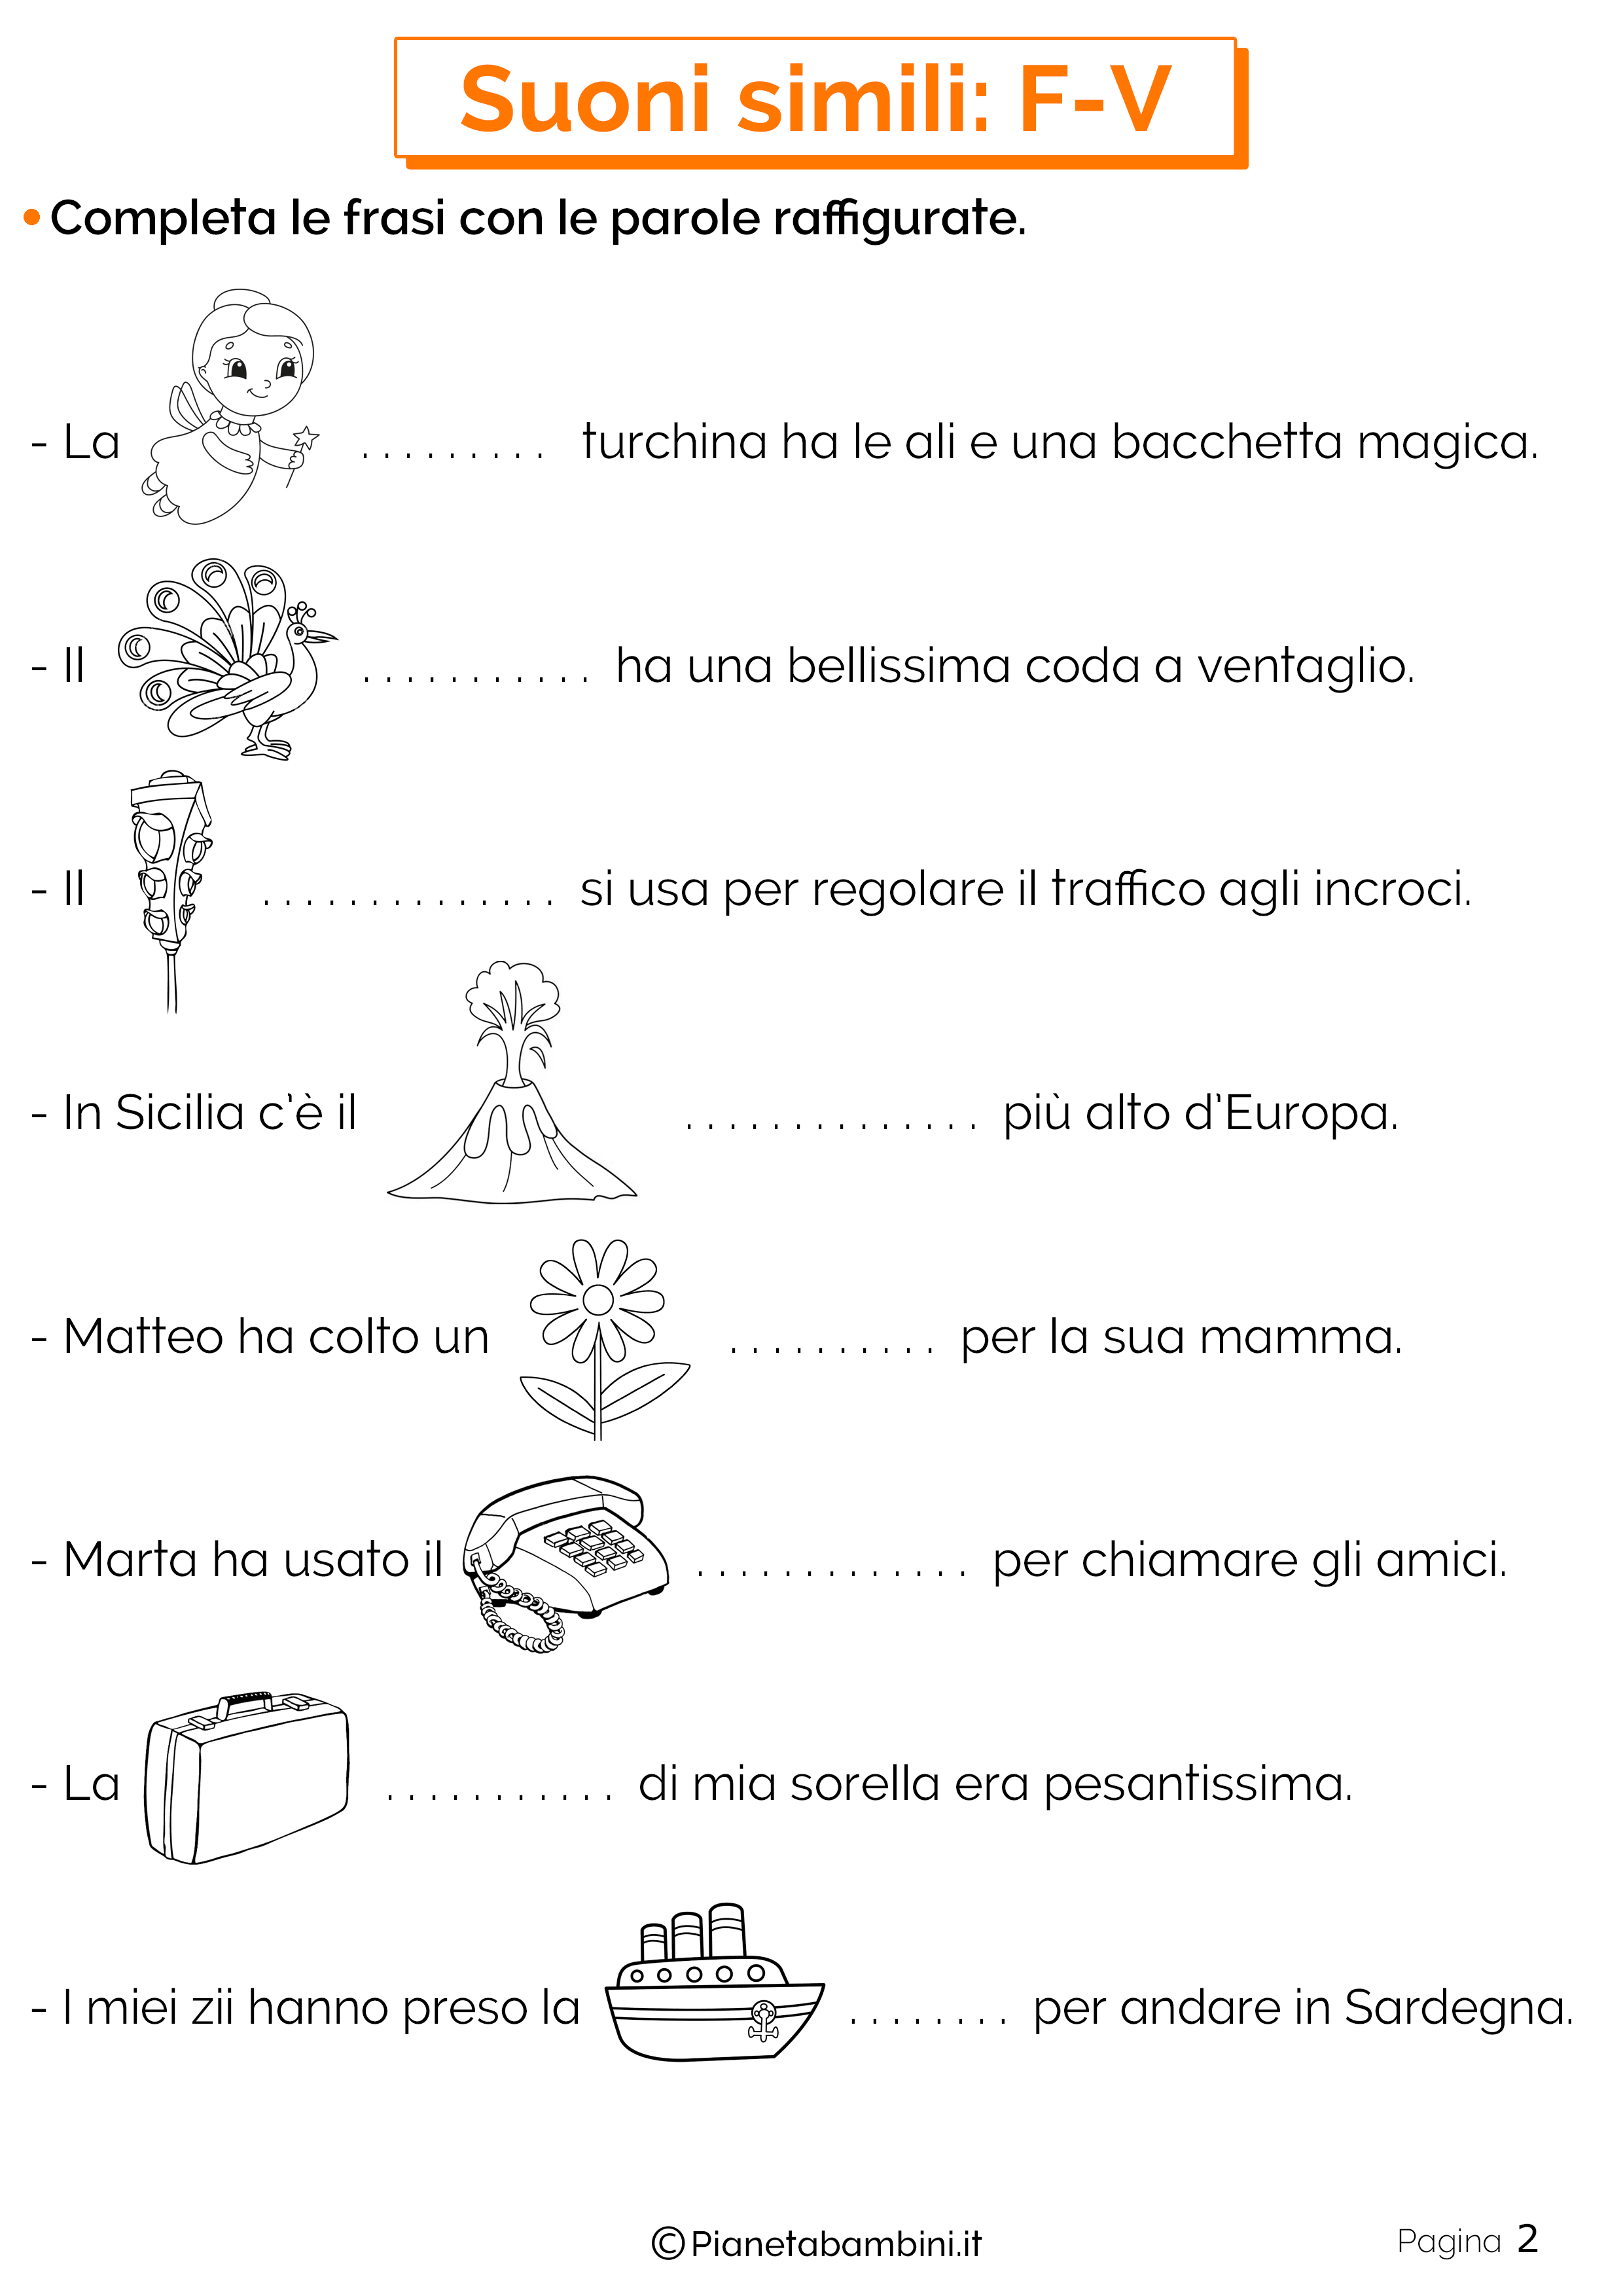 Schede didattiche sui suoni simili F-V pagina 2